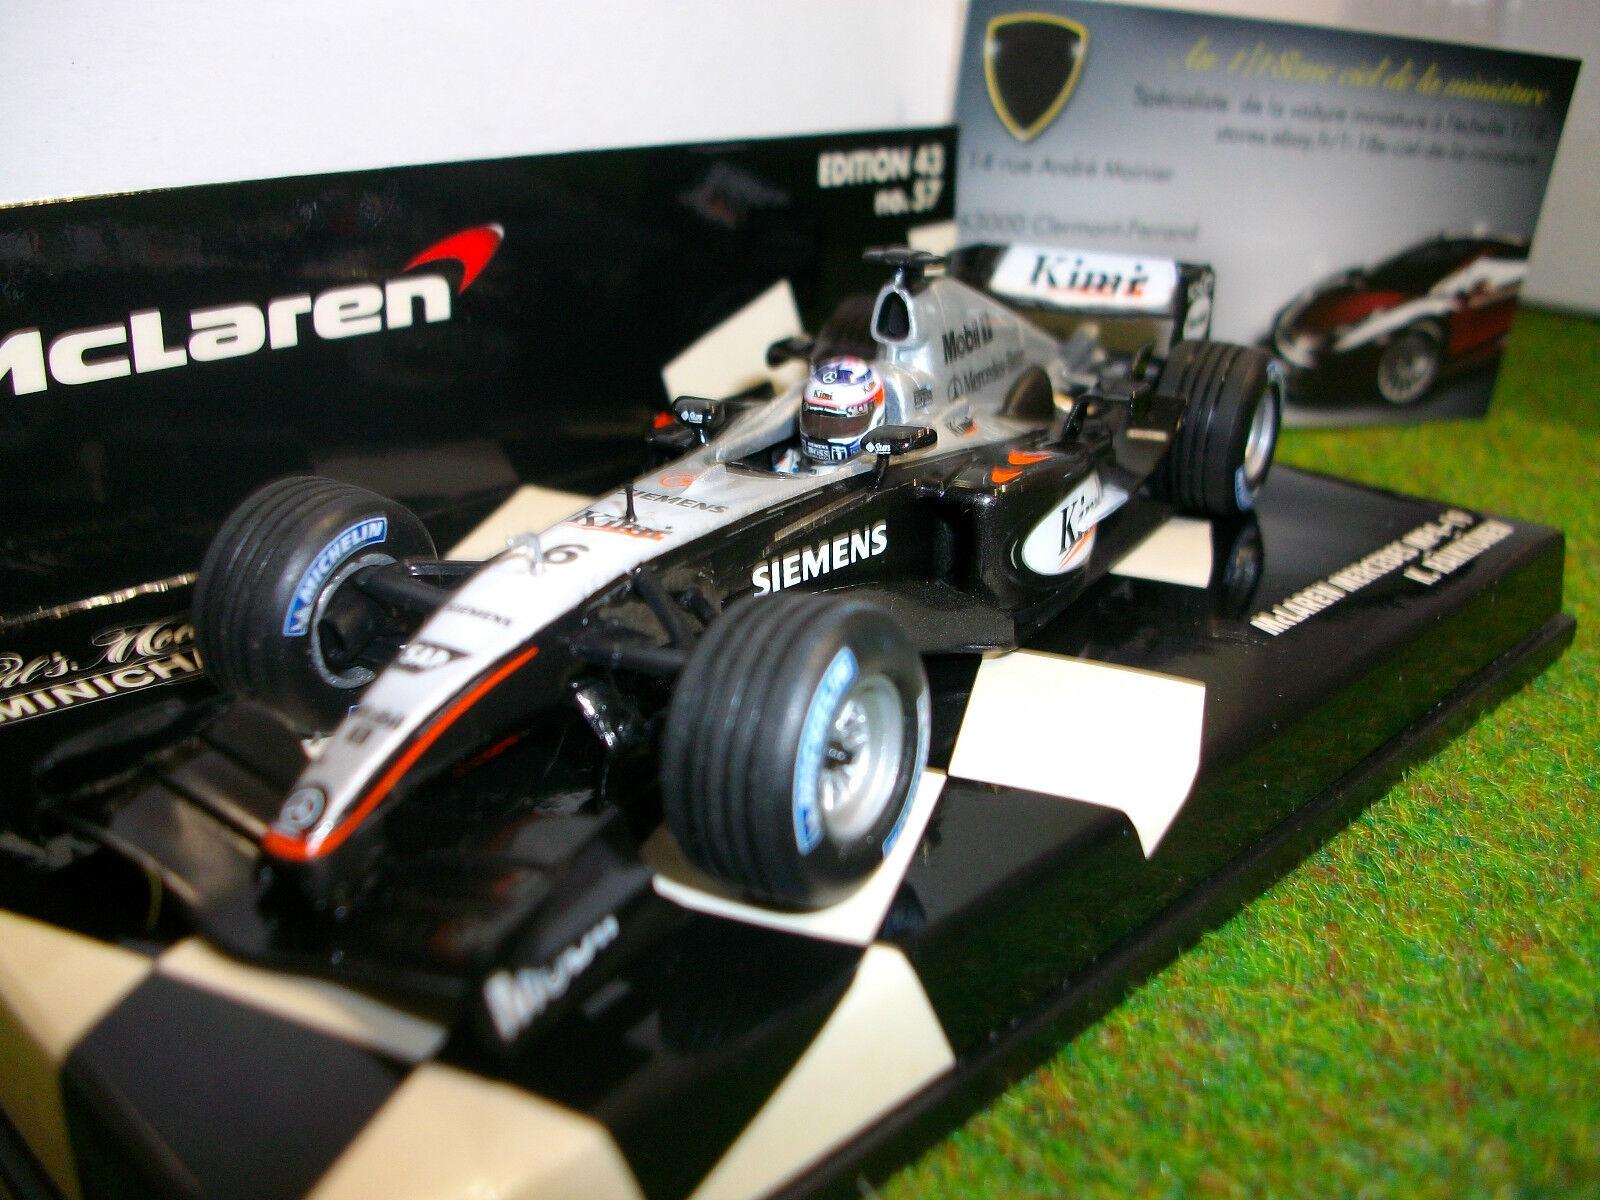 F1 McLAREN MERCEDES 2004 MP4 19 RAIKKONEN 1 43 MINICHAMPS 530044306 formule1